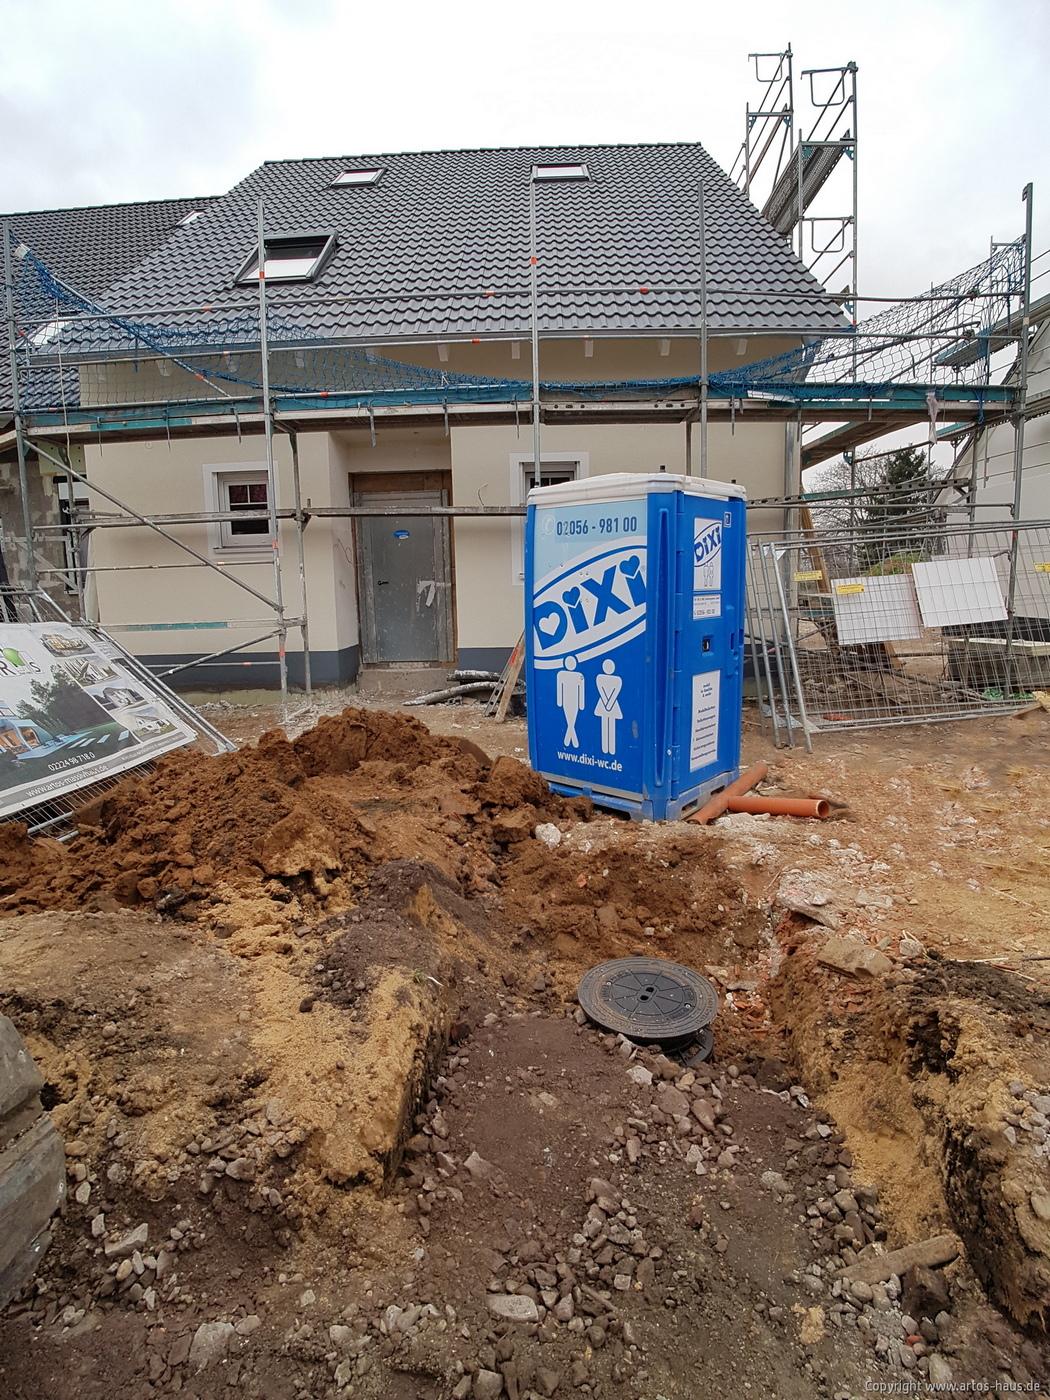 Luftbild der ARTOS HAUS Baustelle in Hürth am 8.3.2021 Bild 5